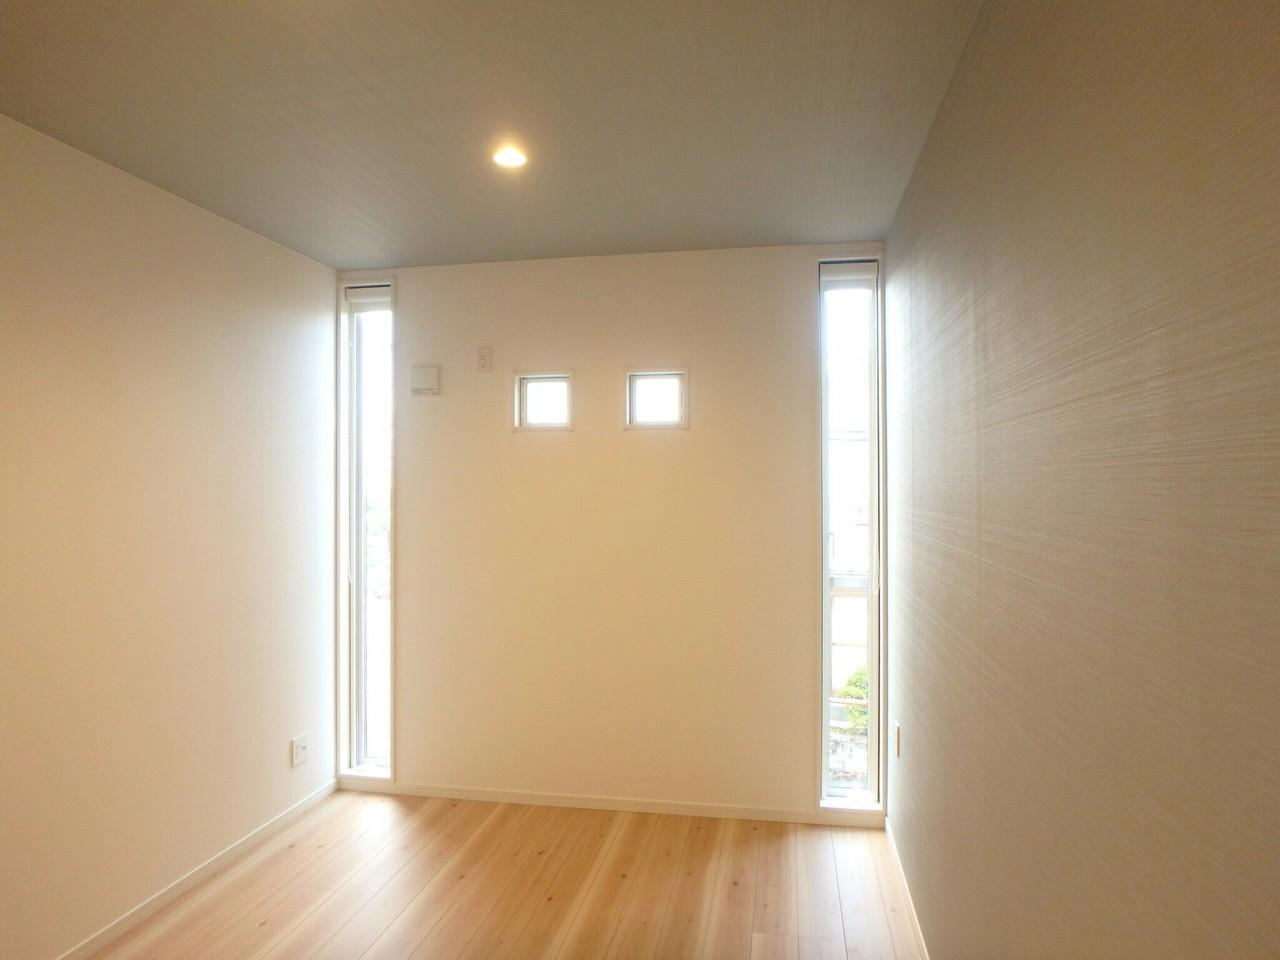 2階6畳洋室の窓の配置がなかなか見かけないオシャレな形になっています。